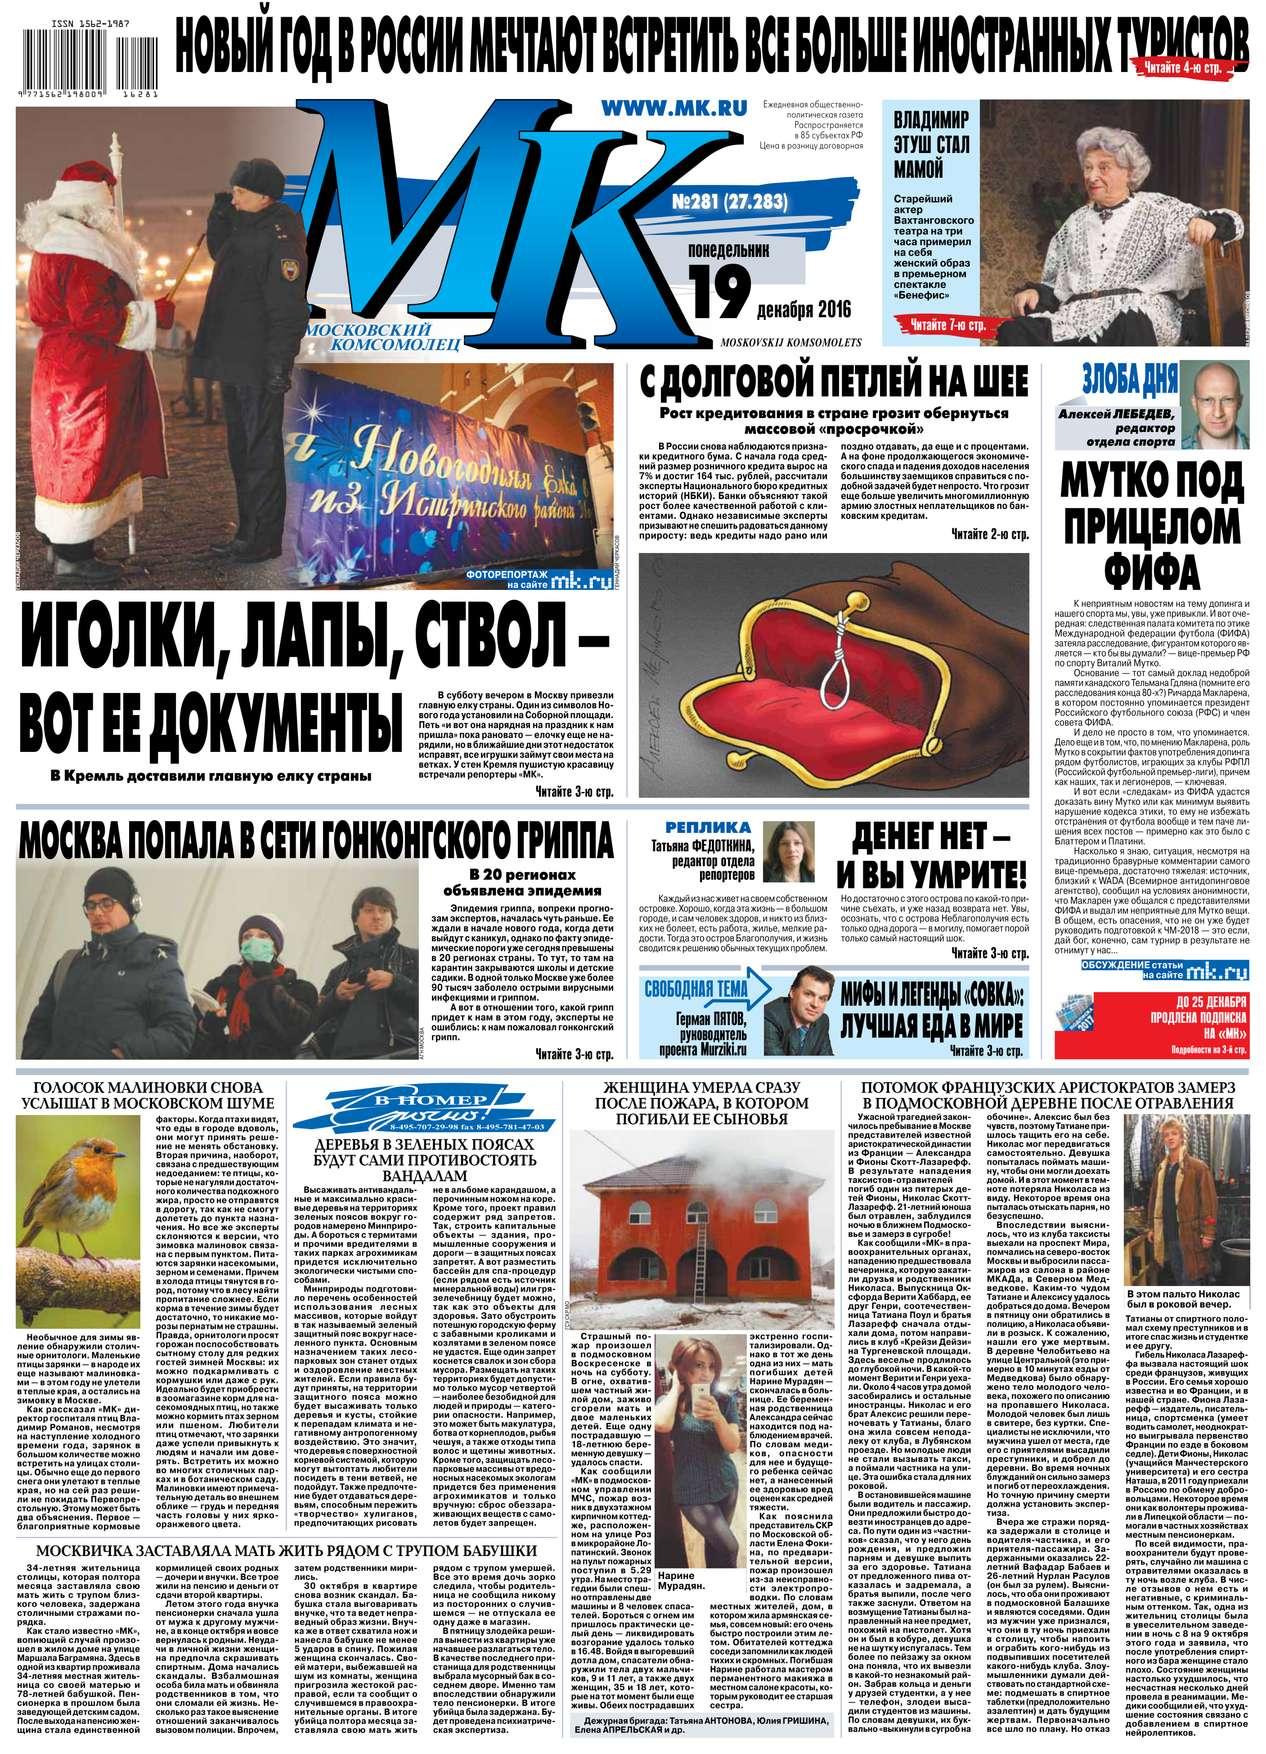 Редакция газеты МК Московский Комсомолец МК Московский комсомолец 281-2016 цена 2017